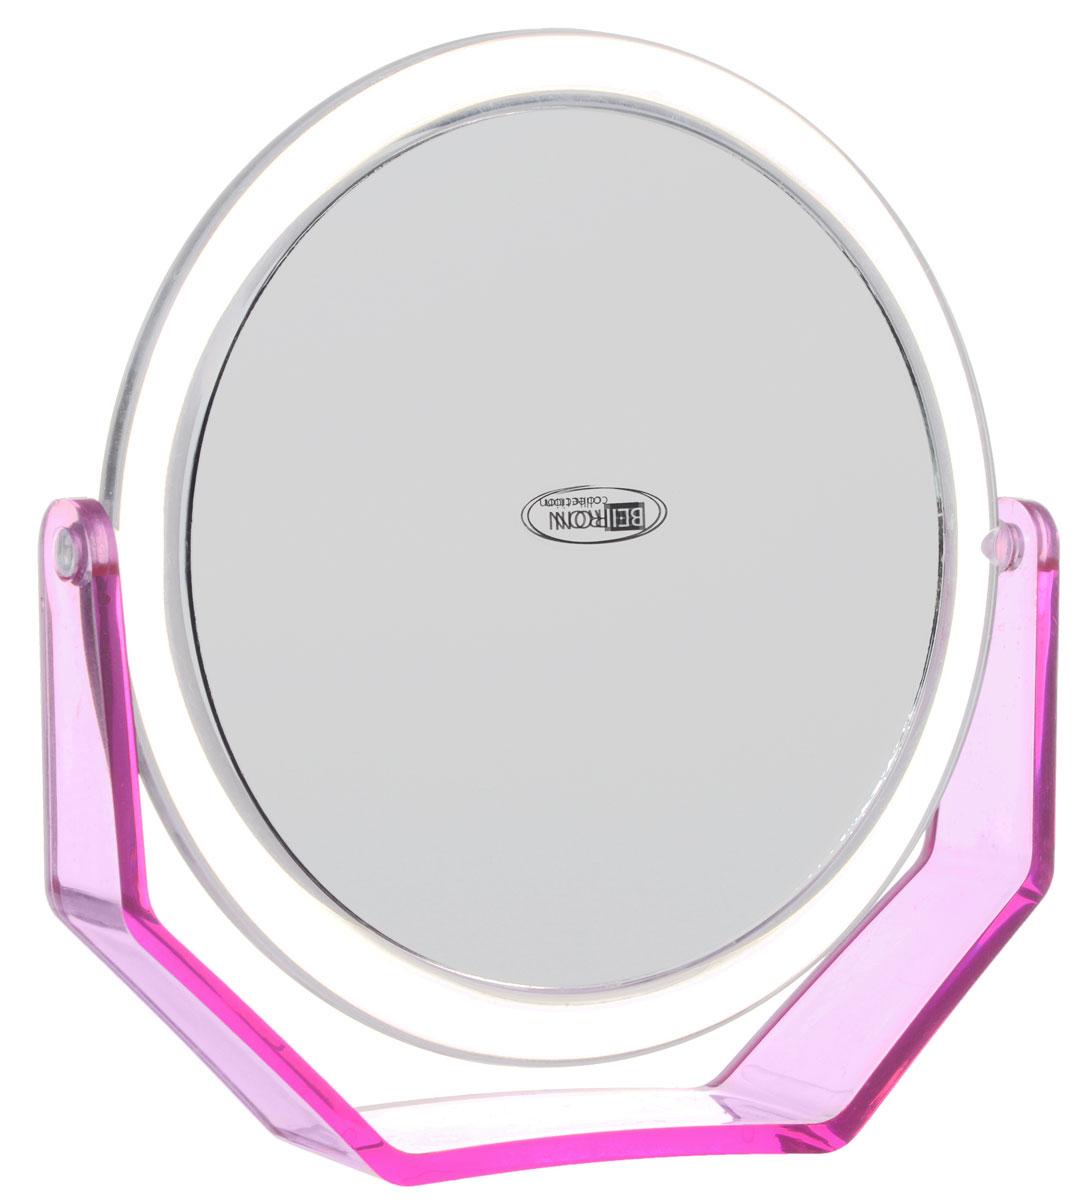 Beiron Зеркало косметическое, настольное, двустороннее, цвет: розовый. 530-1129